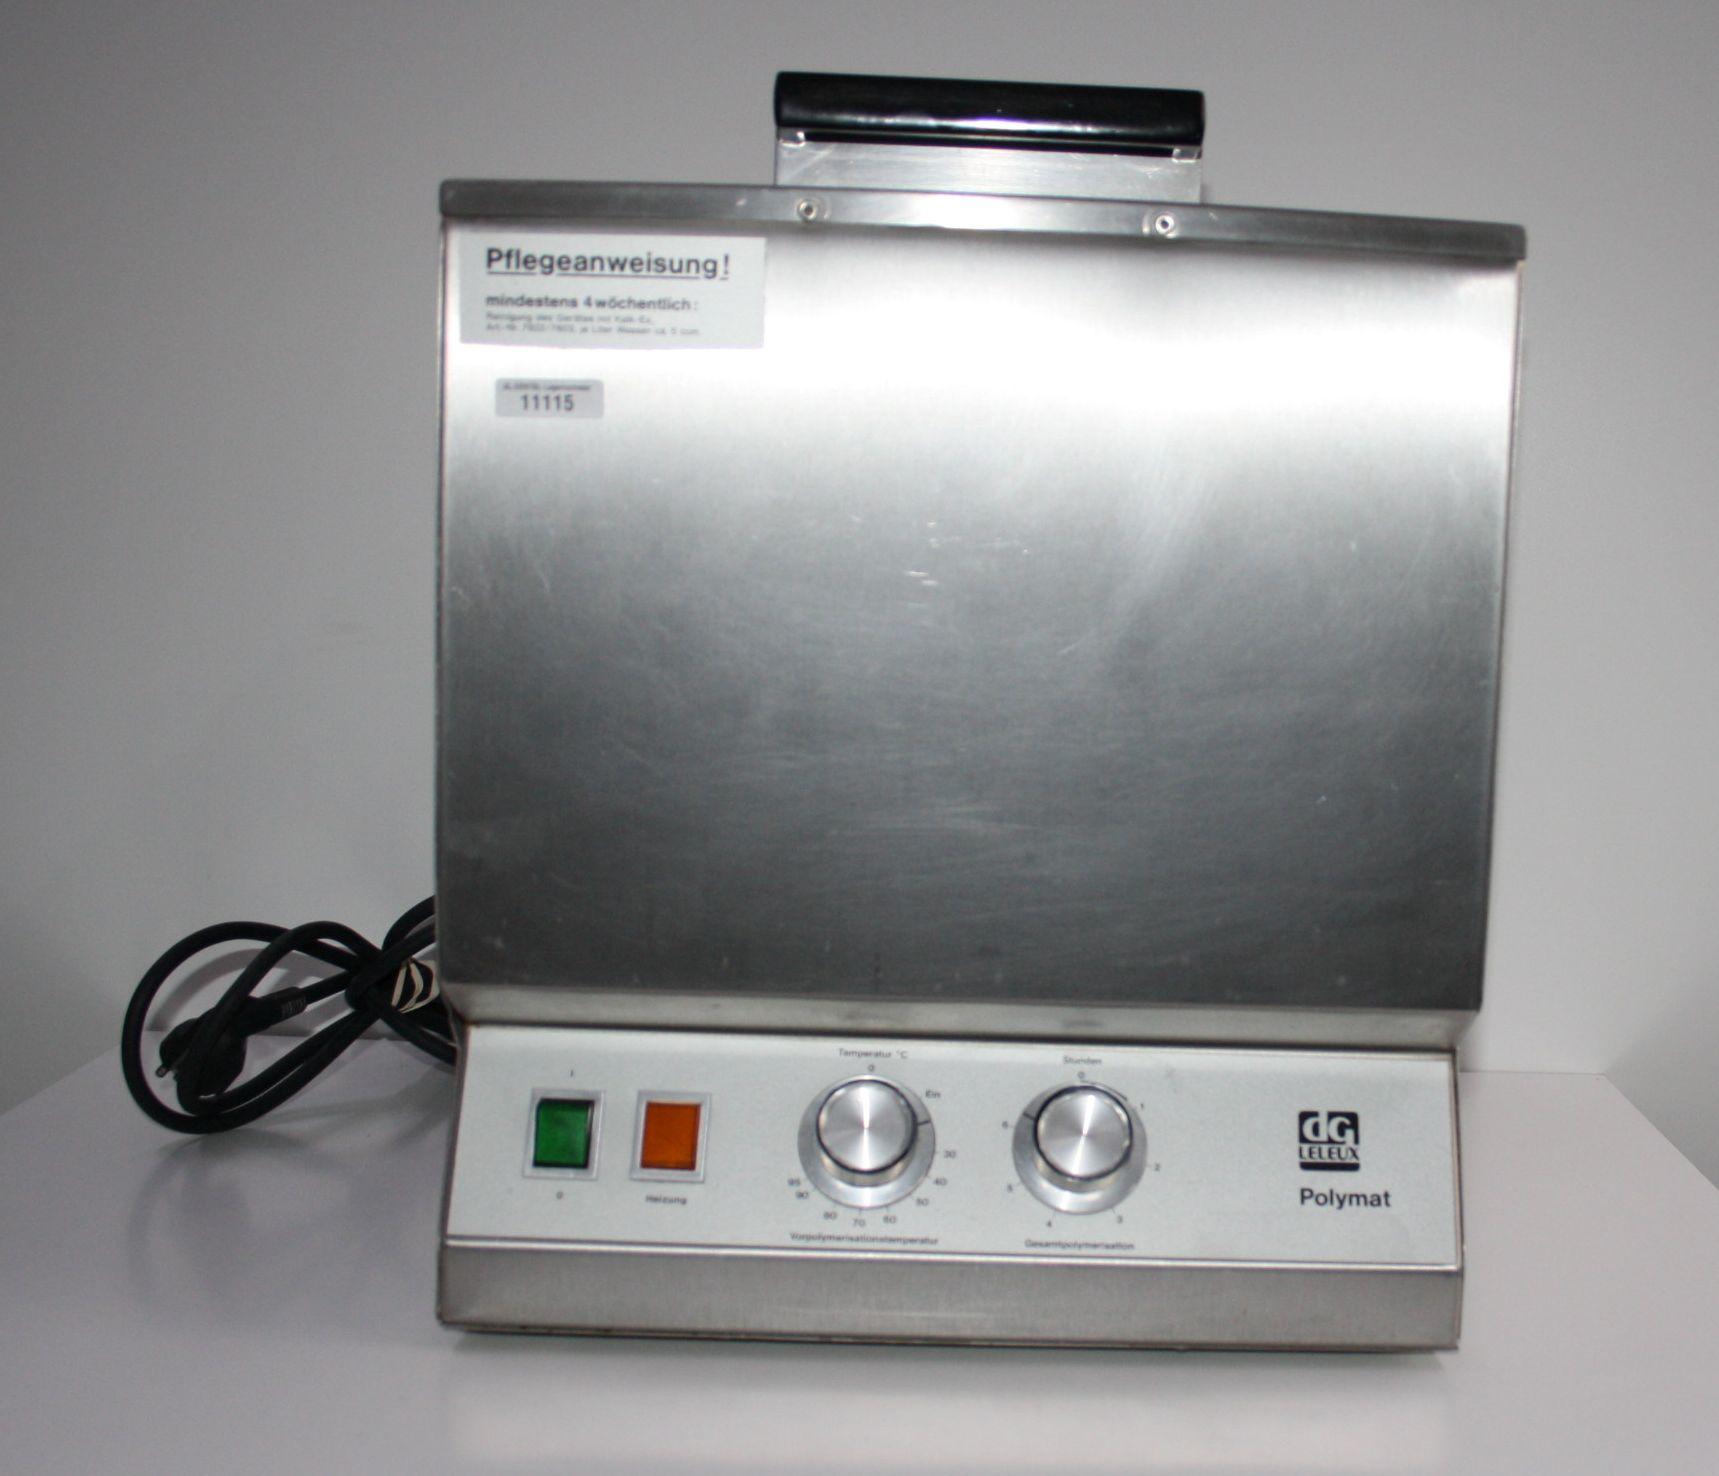 LELEUX Polymerisationsgerät Typ Polymat # 11115